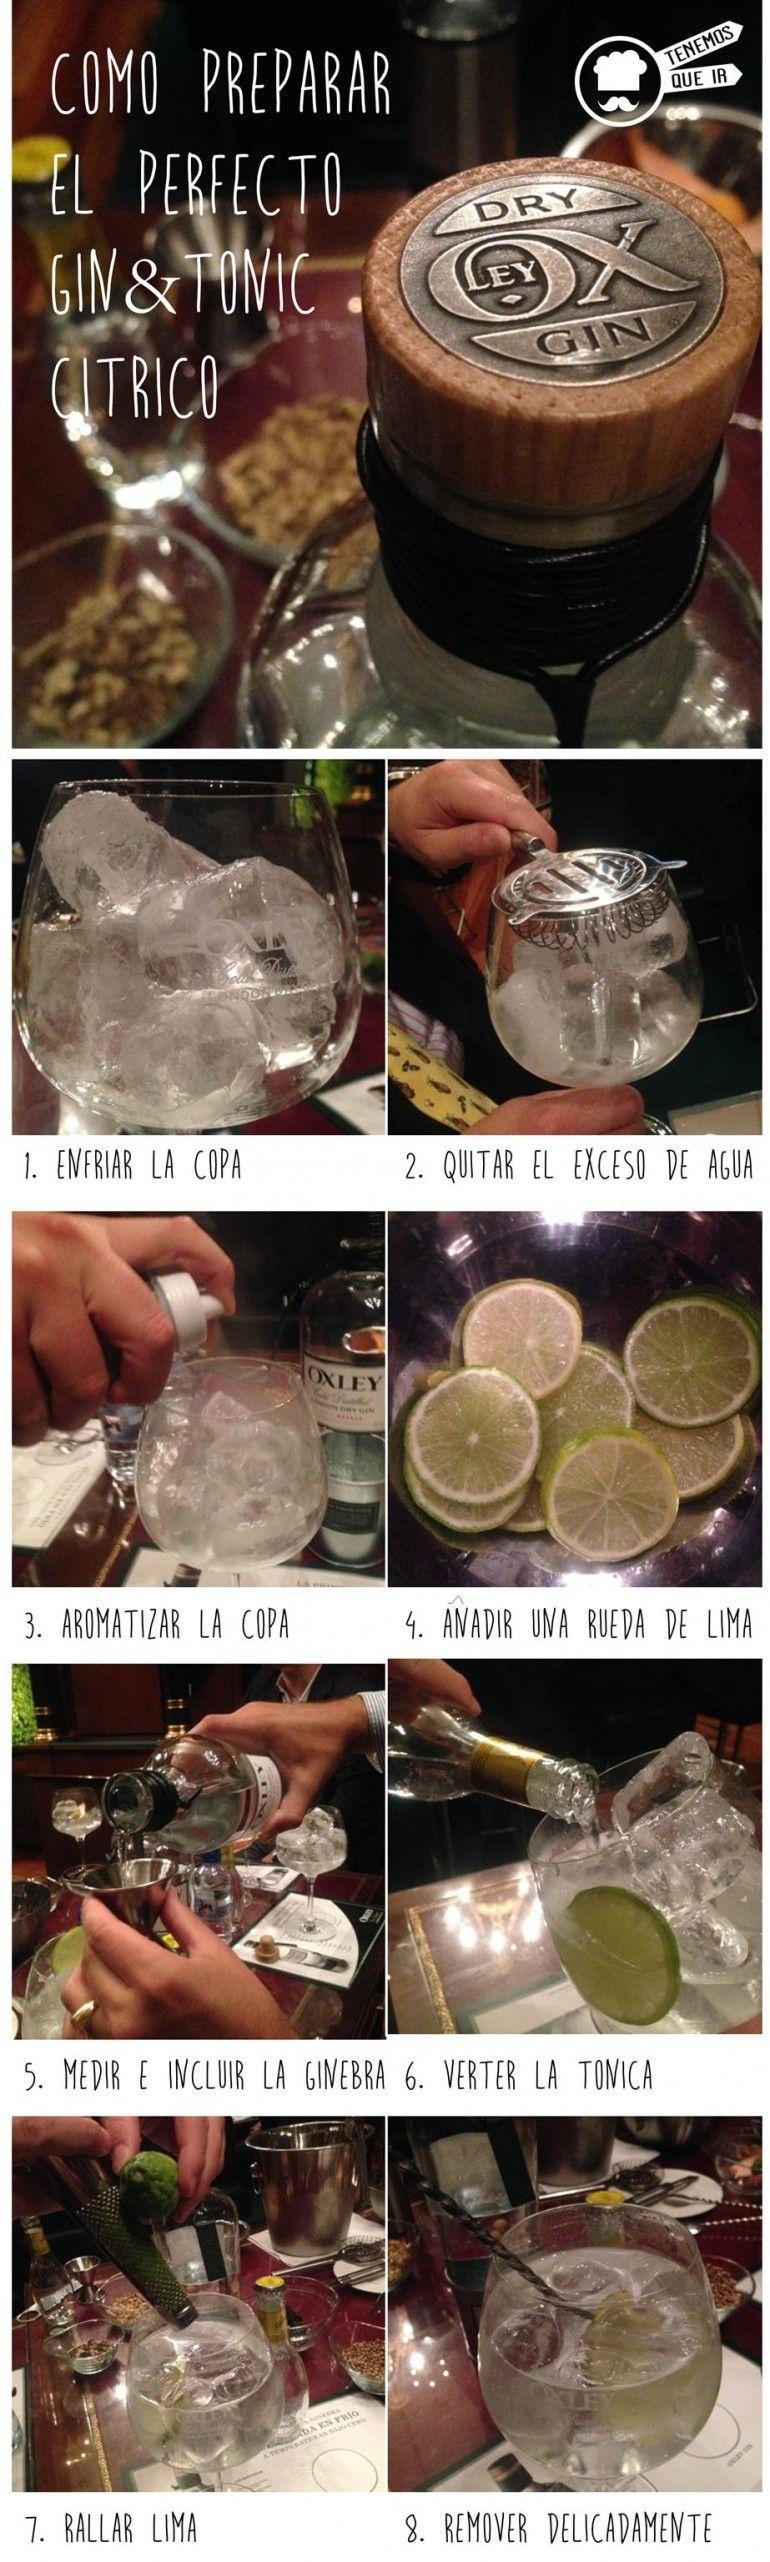 Como preparar un Gin Tonic Citrico Infografia Tenemosqueir Oxley Gentelmen Club